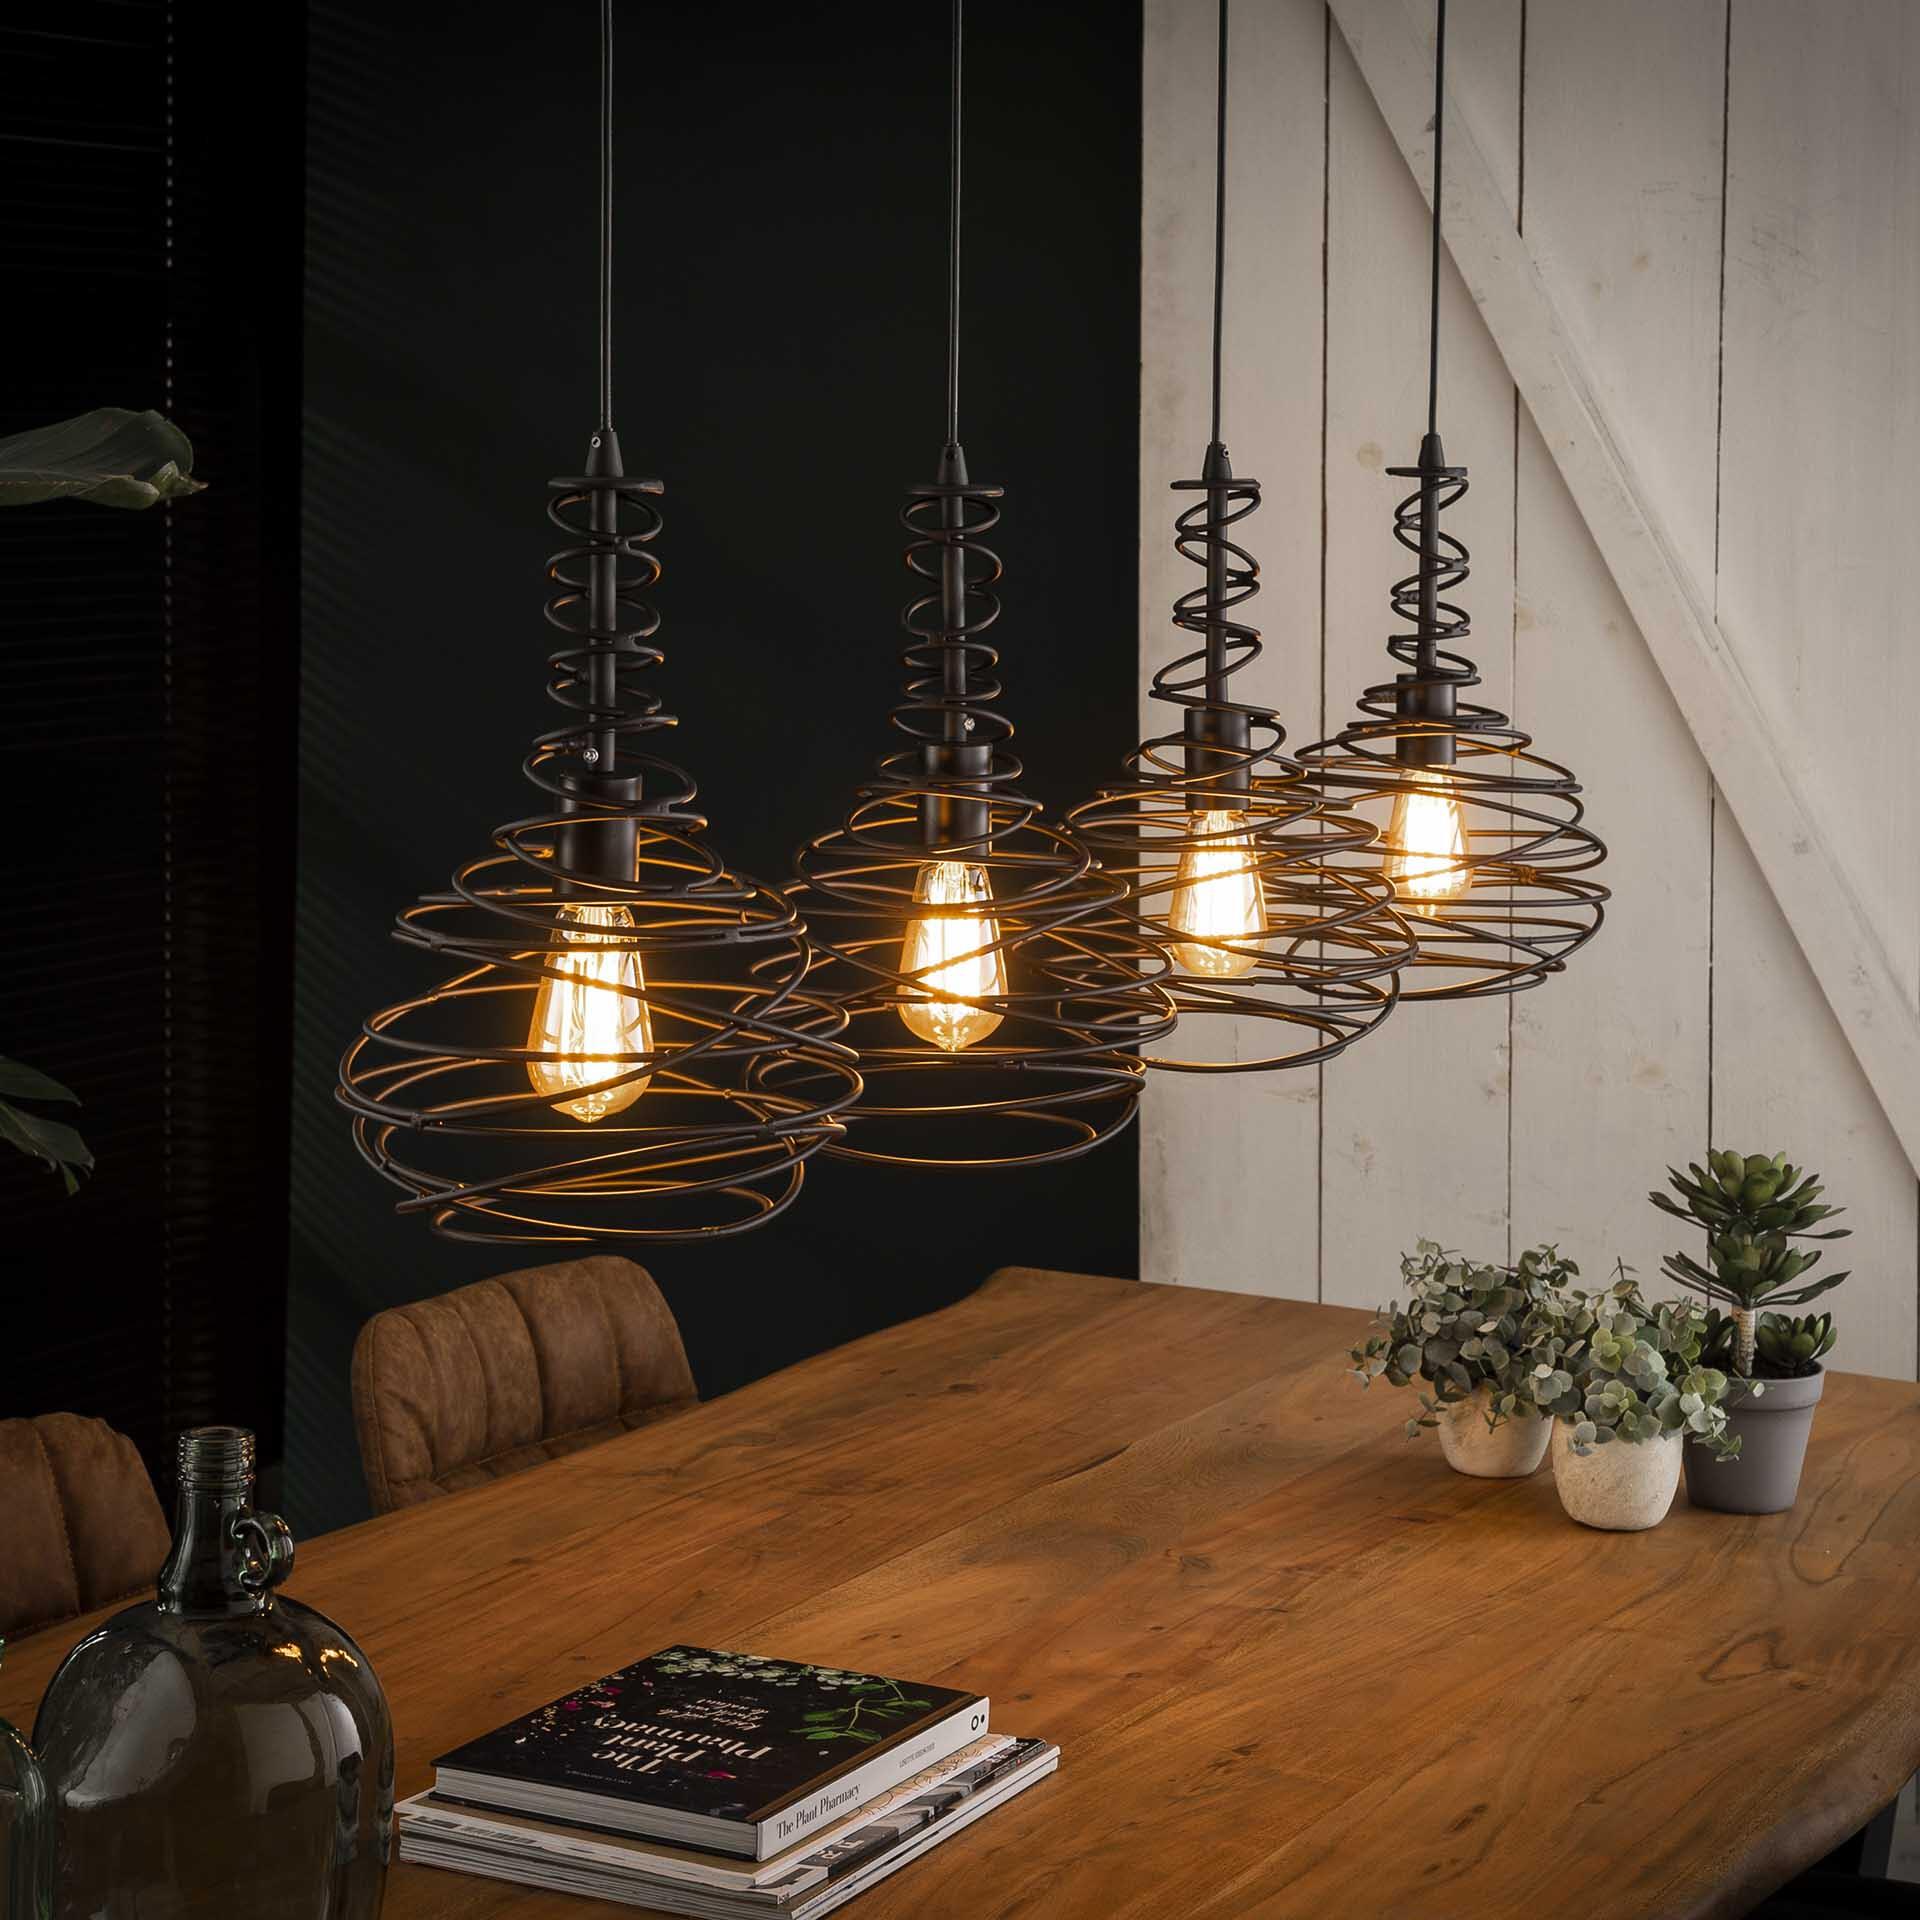 Hanglamp 'Quinten' 4-lamps, Ø25cm   LifestyleFurn